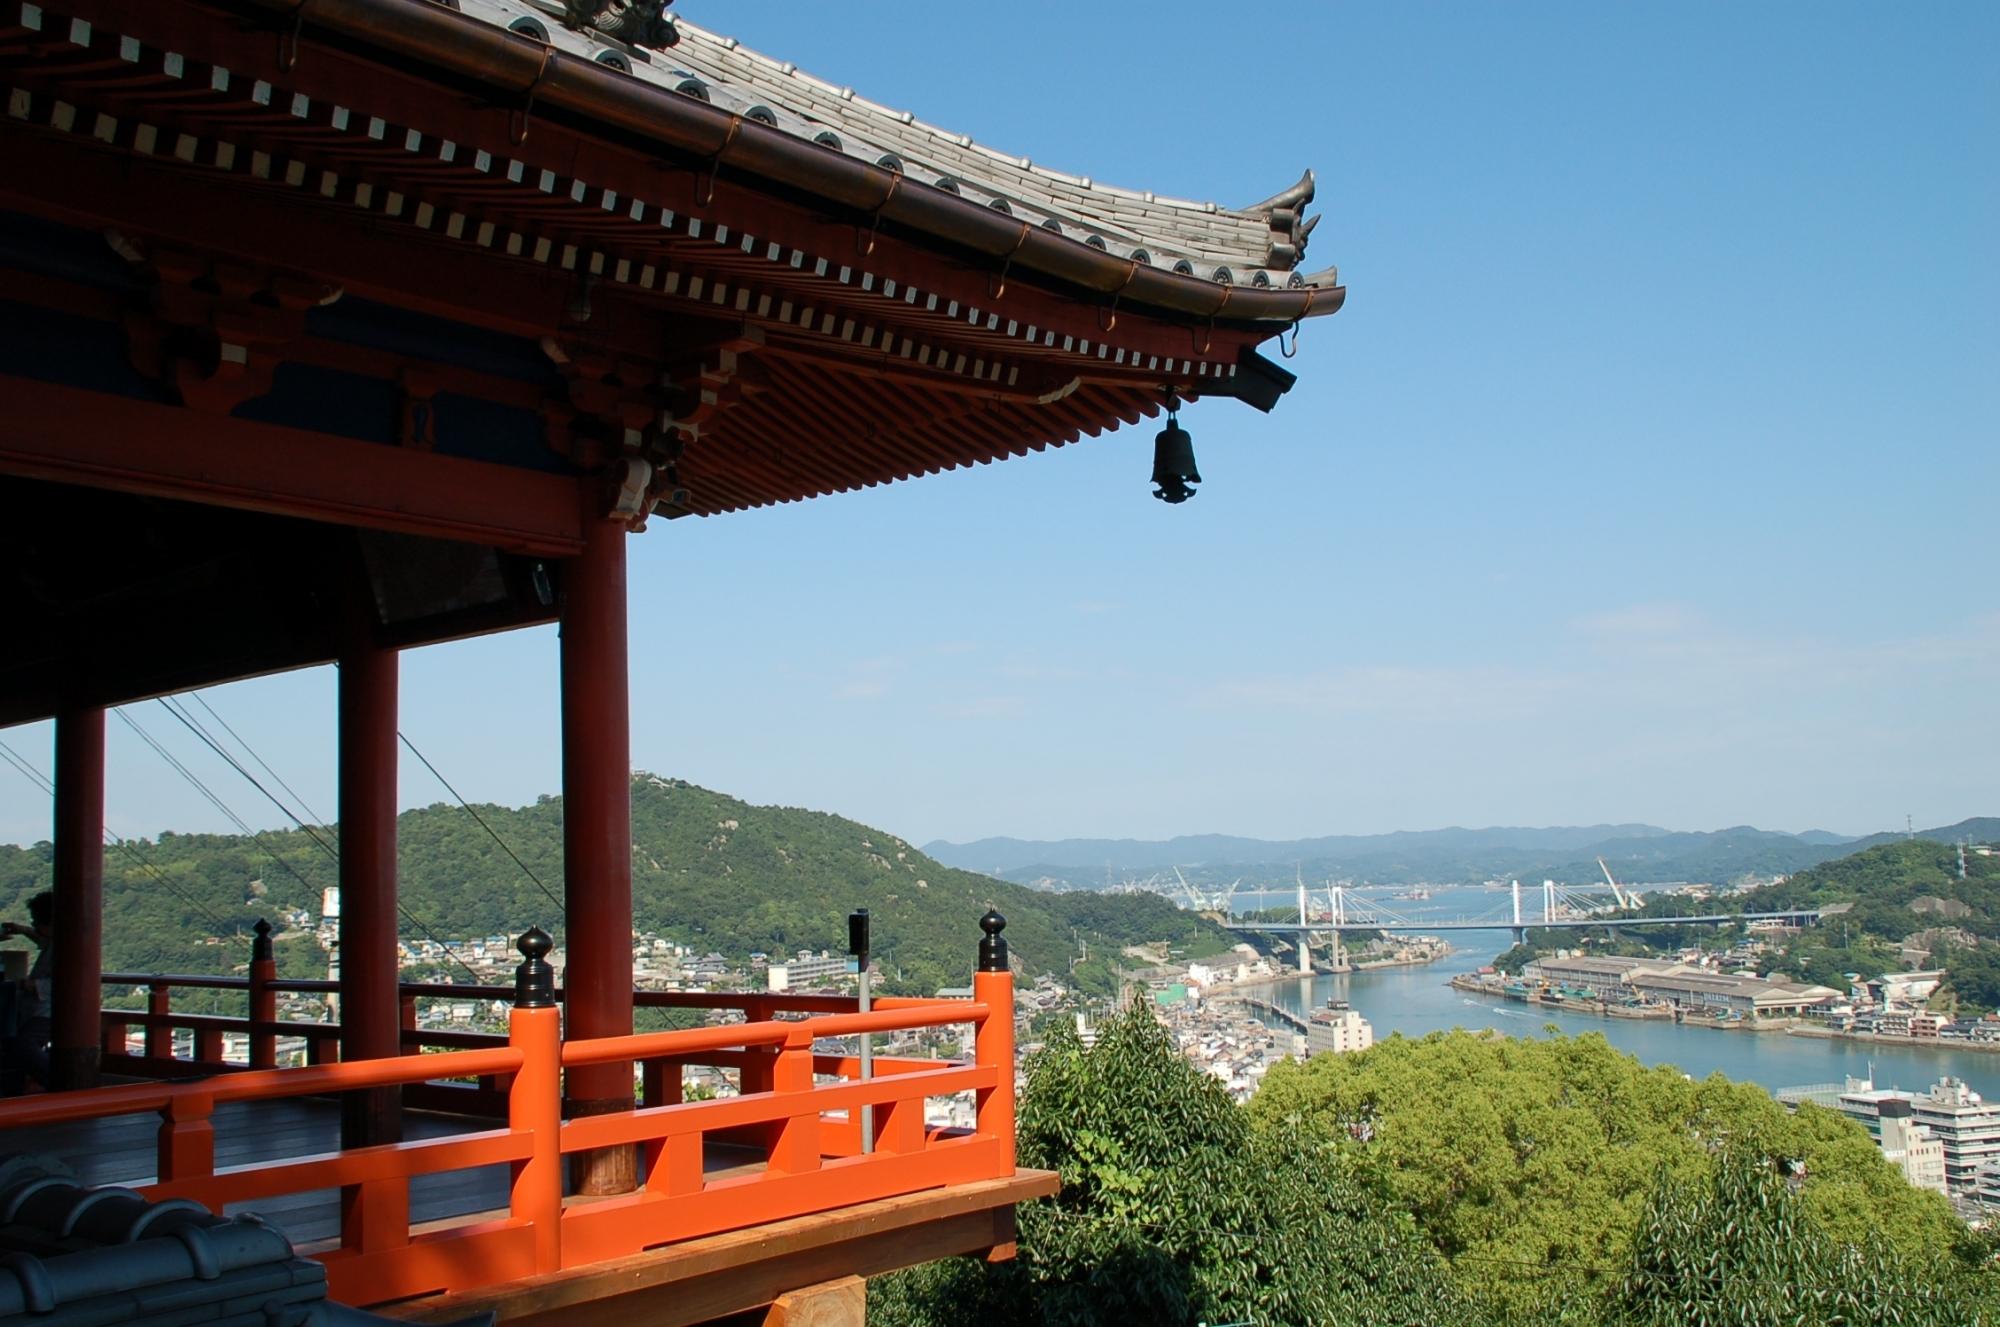 尾道、千光寺、公式ホームページ | 広島県尾道市,千光寺は歴史ある玉の岩伝説の伝わる古寺